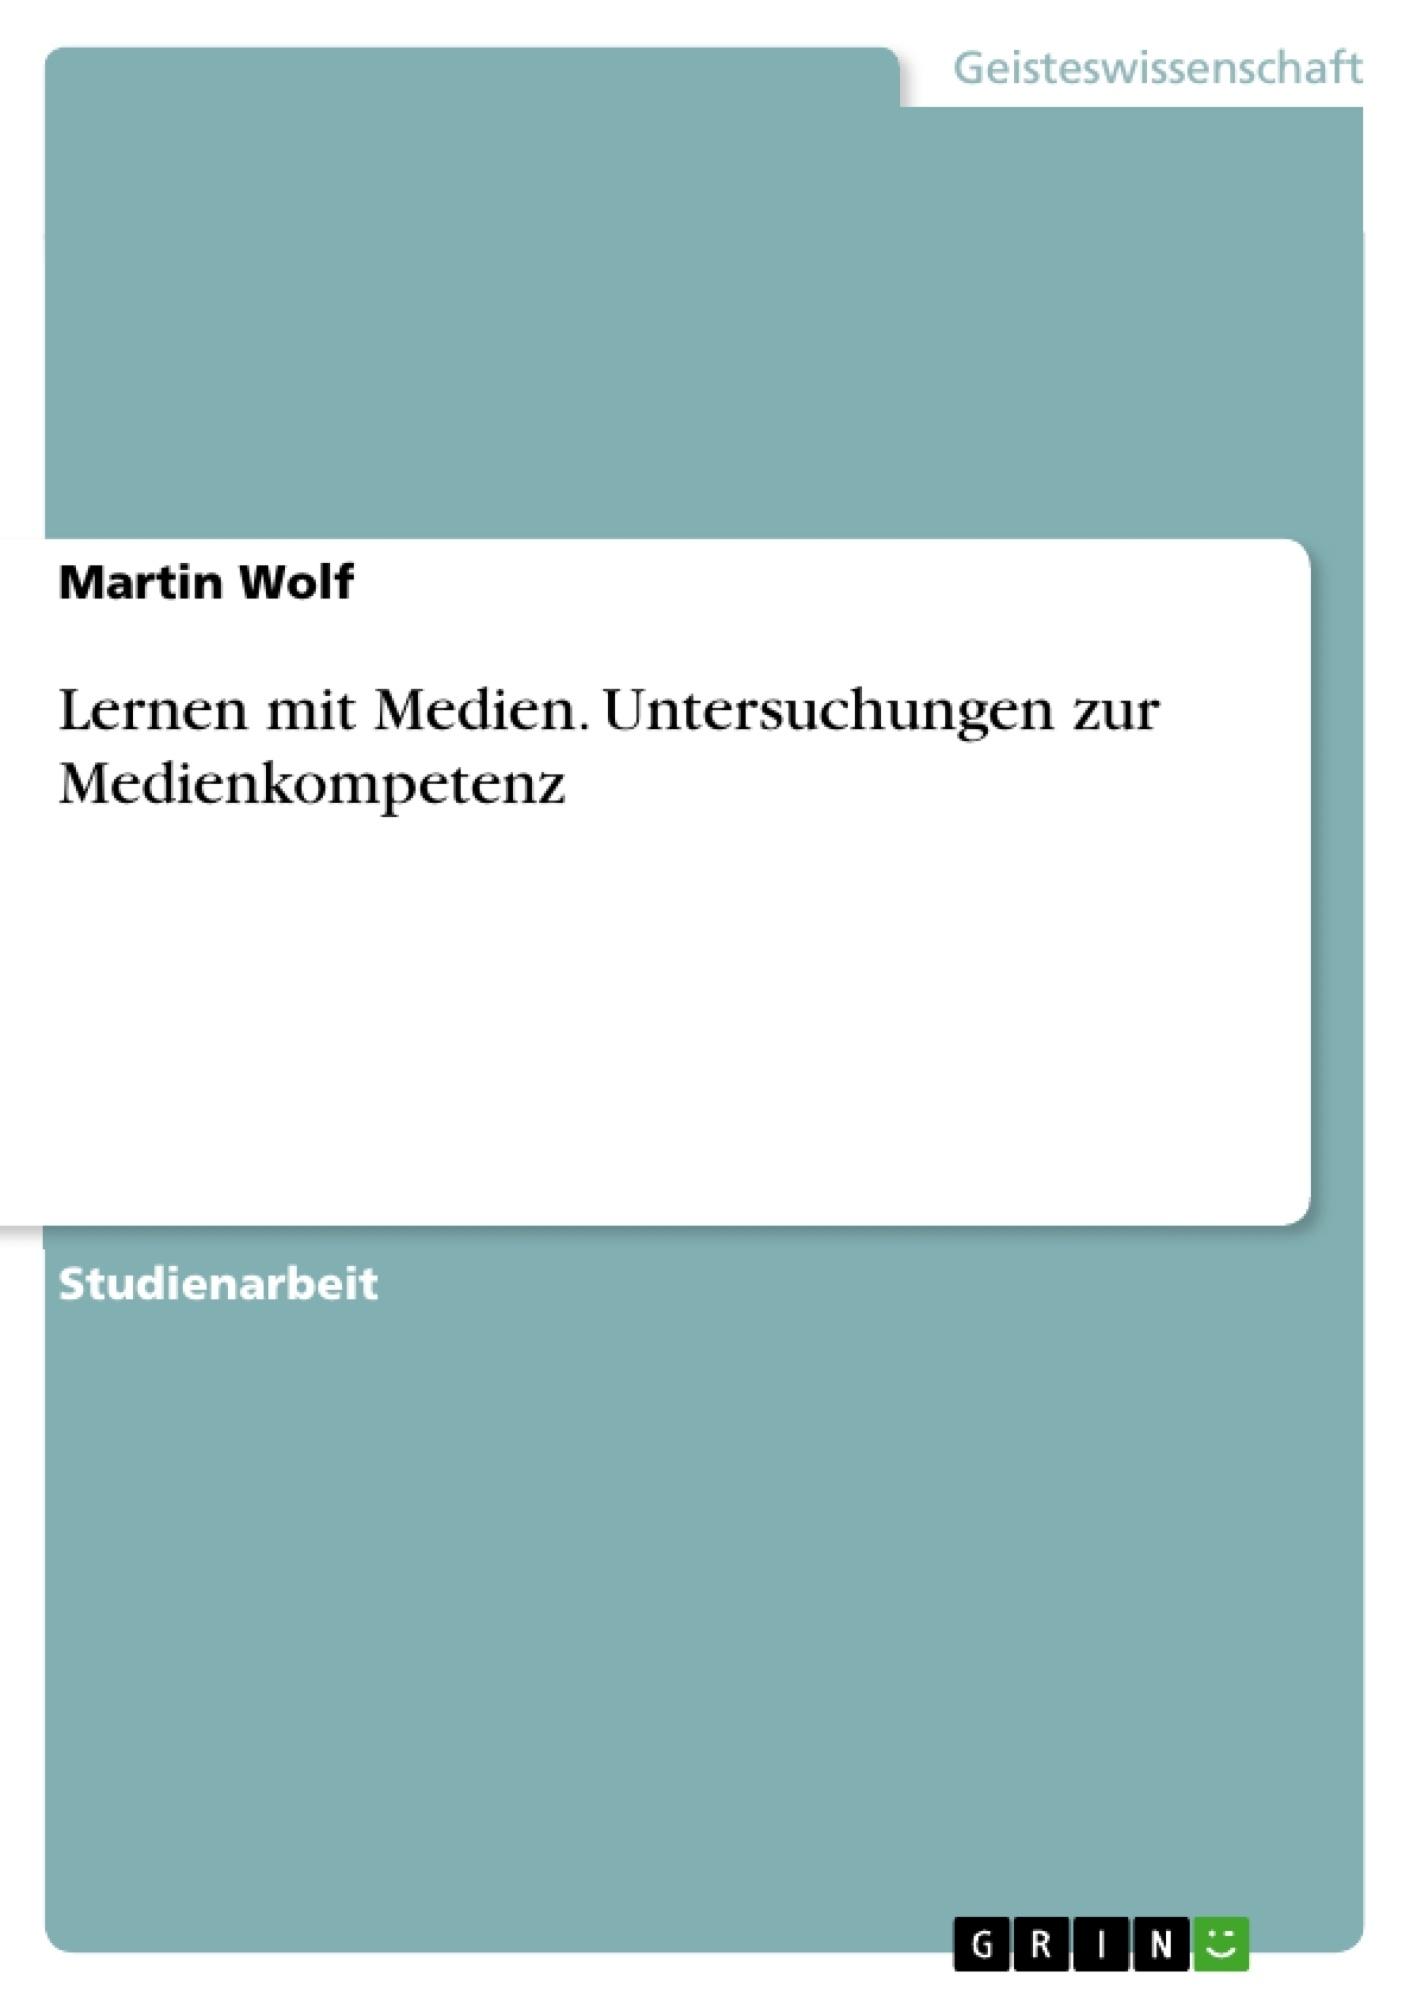 Titel: Lernen mit Medien. Untersuchungen zur Medienkompetenz